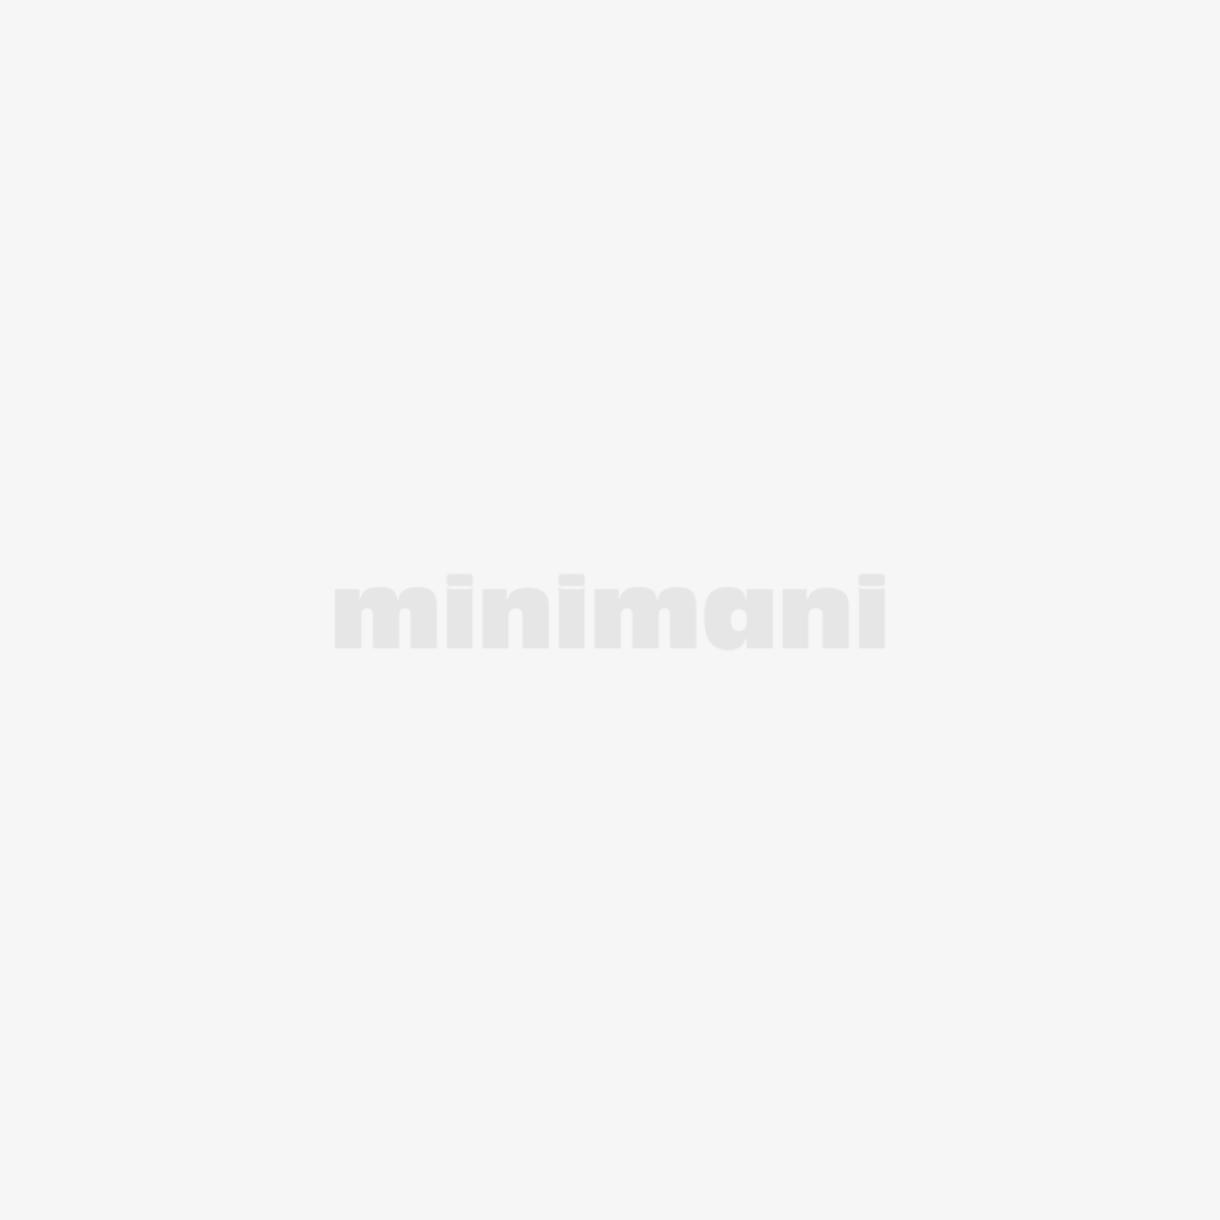 EINHELL EINHELL  HIOMAKONE RT-OS 13